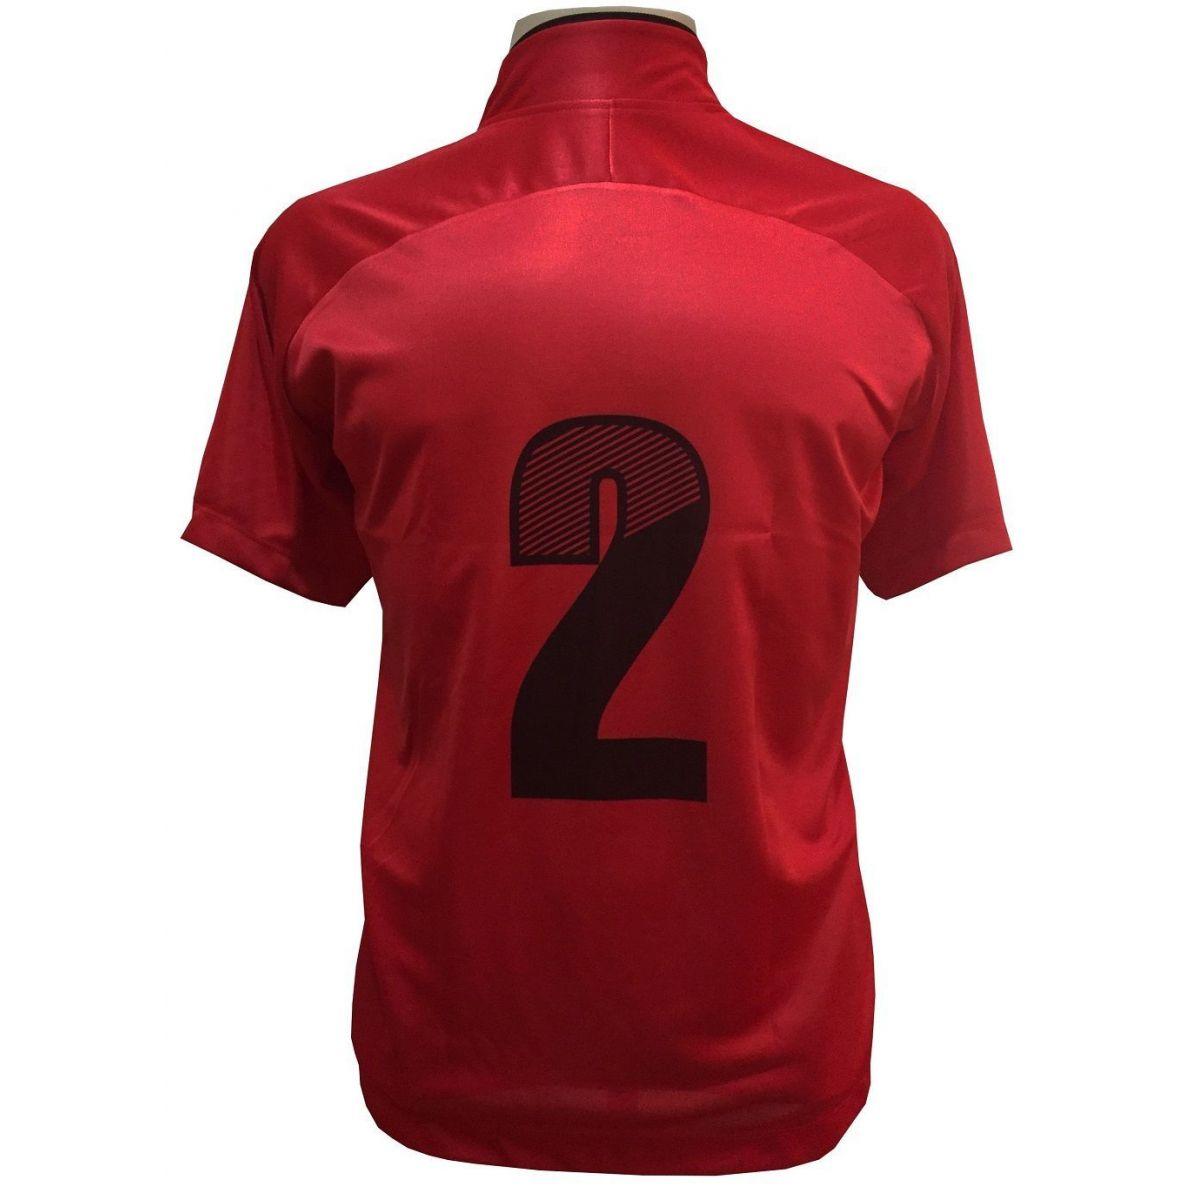 Fardamento Completo modelo City 12+1 (12 Camisas Vermelho/Preto + 12 Calções Copa Preto/Vermelho + 12 Pares de Meiões Pretos + 1 Conjunto de Goleiro) + Brindes